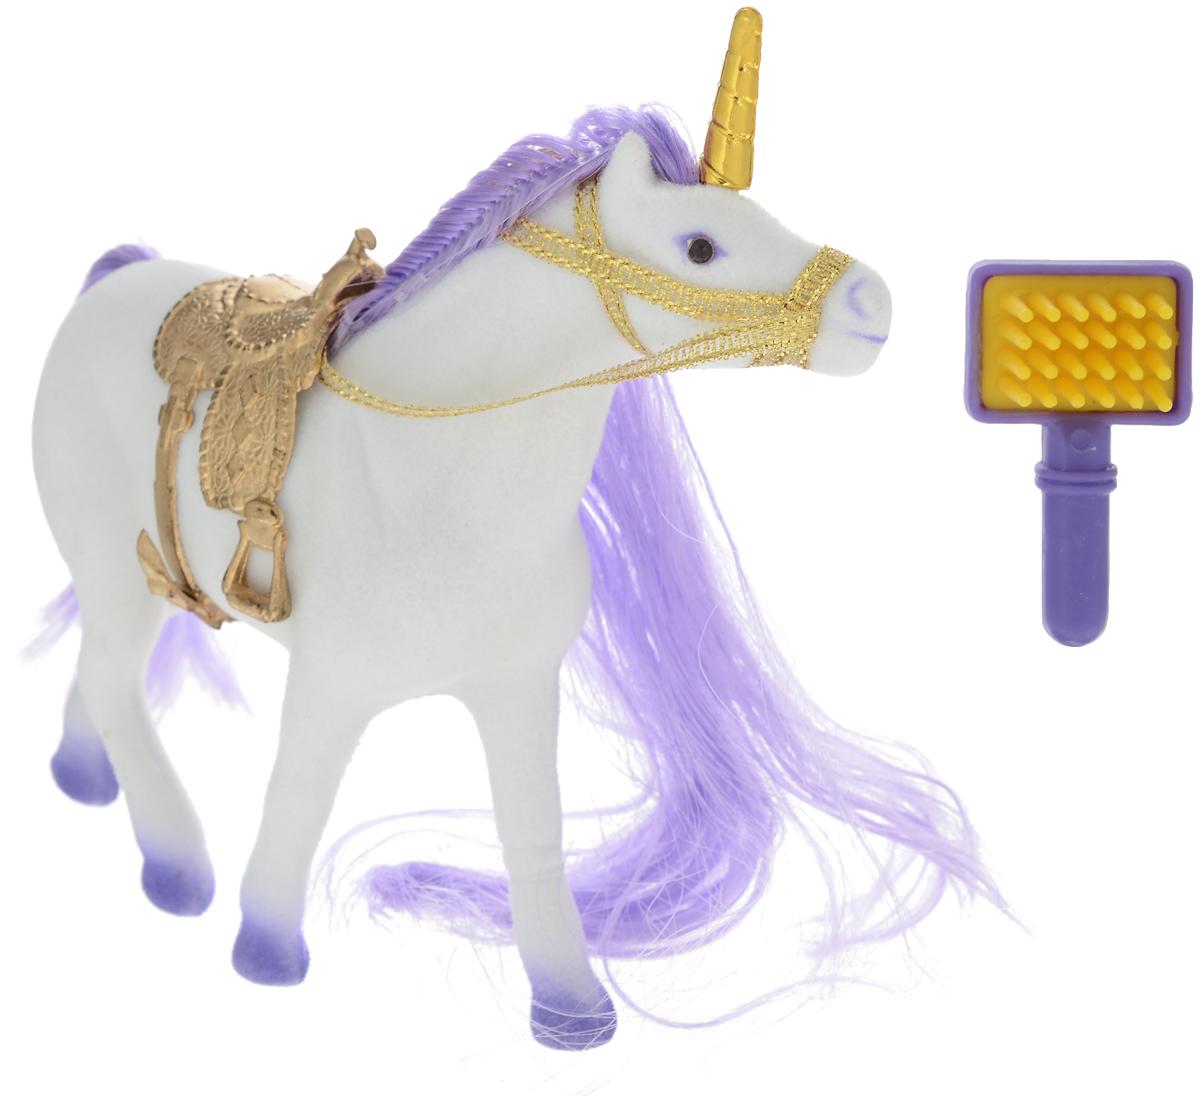 Играем вместе Фигурка Единорог цвет белый фиолетовый 3351R